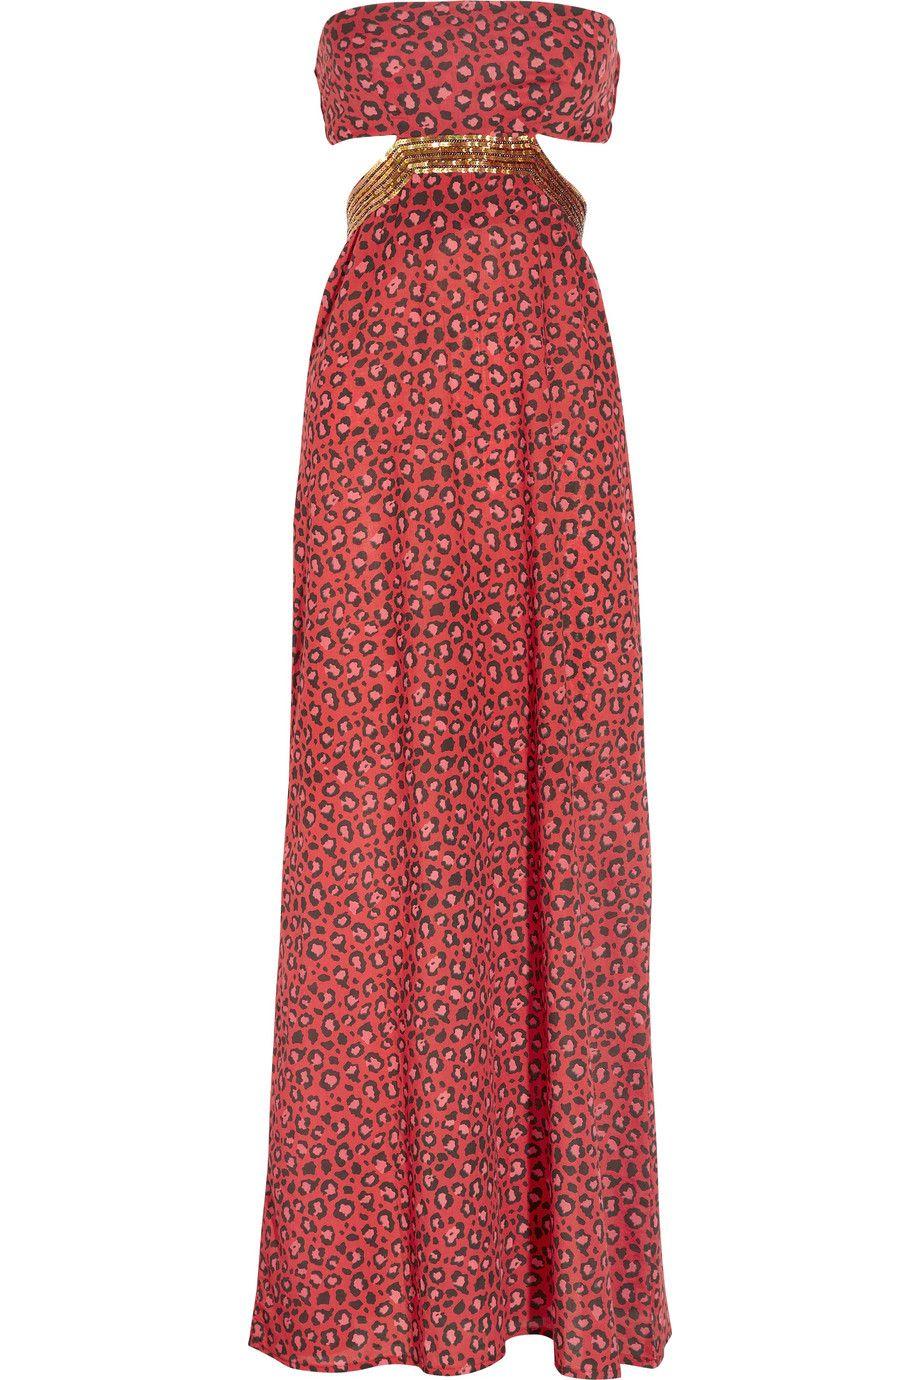 204b4a42b0 Rapture embellished leopard-print cotton maxi dress by Tara Matthews ...